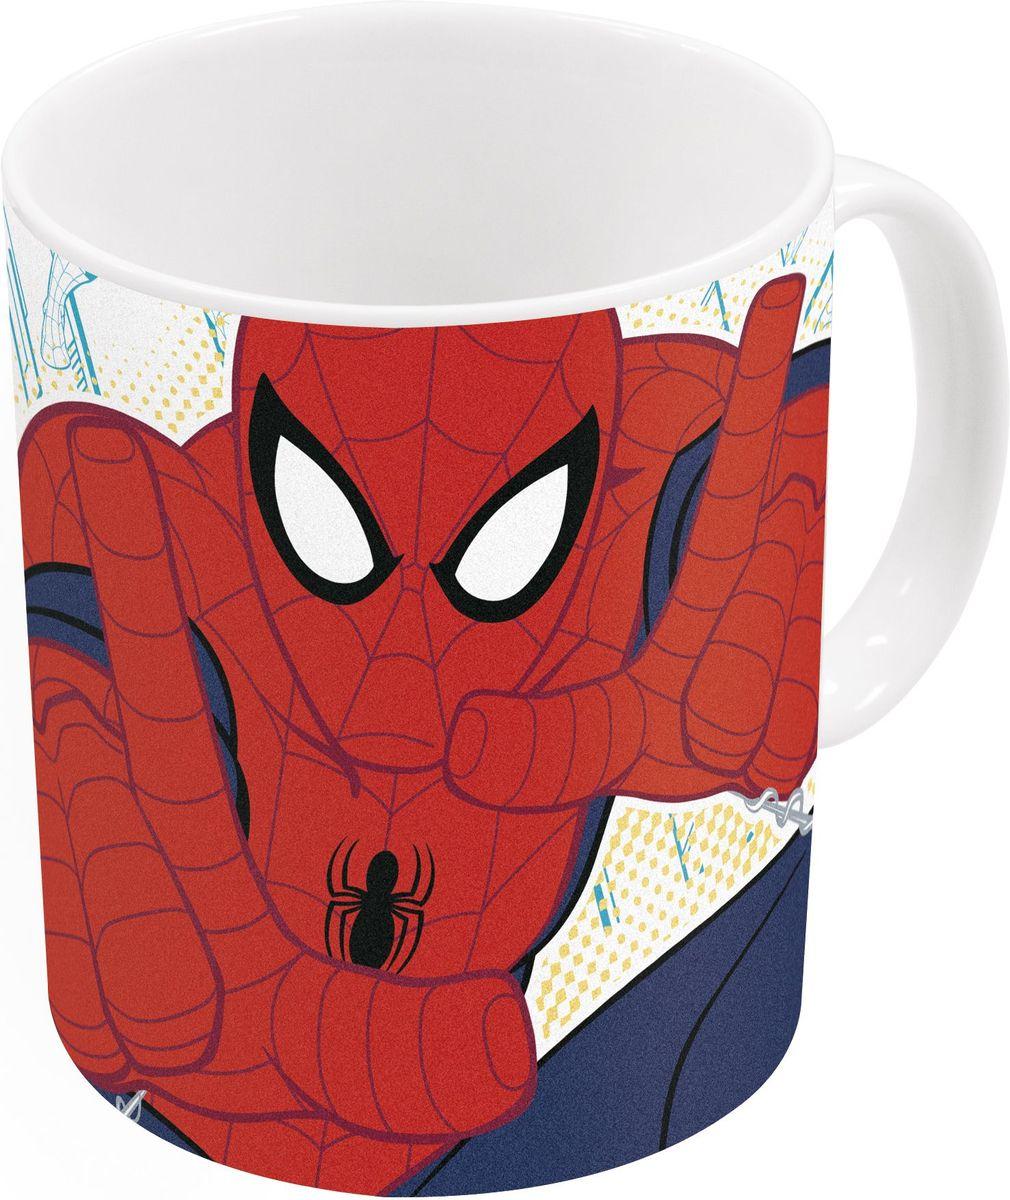 Stor Кружка детская Великий Человек-паук 325 мл78317Детская кружка Stor Великий Человек-паук станет отличным подарком длявашегоребенка. Она выполнена из керамики и дополнена удобной ручкой. Такой подарок станет не только приятным, но и практичным сувениром:кружка будет незаменимым атрибутом чаепития, а оригинальное оформлениекружки добавит ярких эмоций и хорошего настроения. Можно использовать в СВЧ-печи и посудомоечной машине.